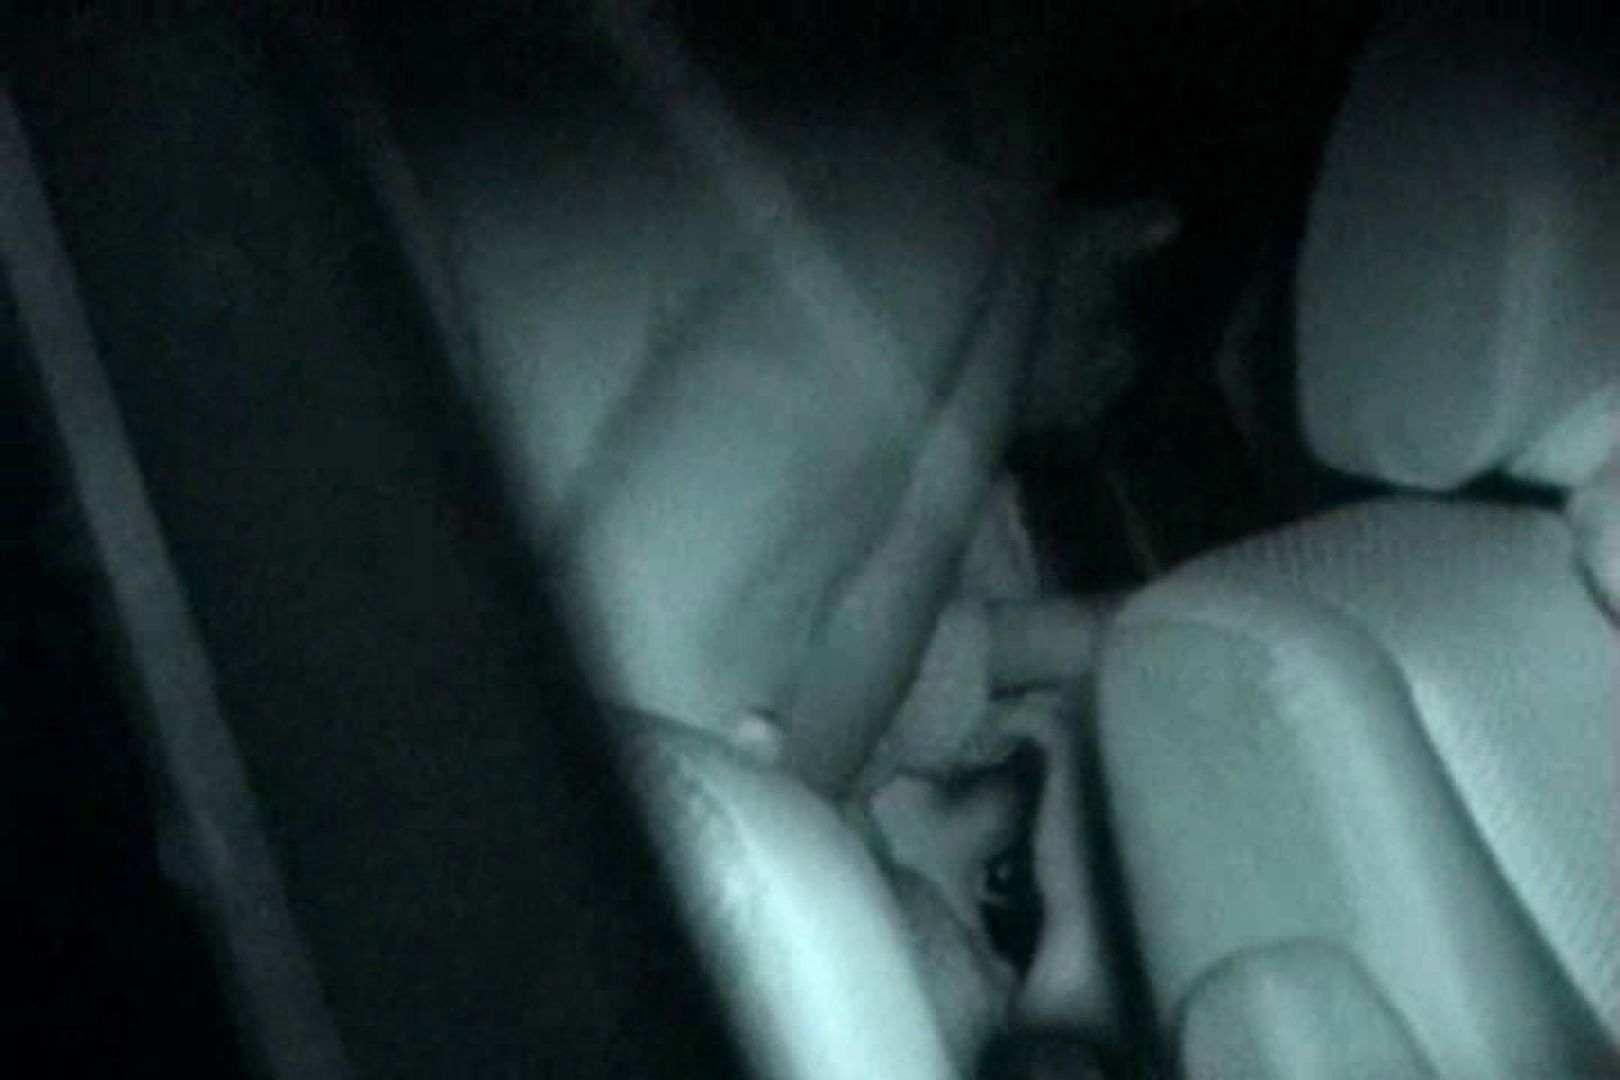 充血監督の深夜の運動会Vol.136 OLセックス 盗撮オマンコ無修正動画無料 100画像 44